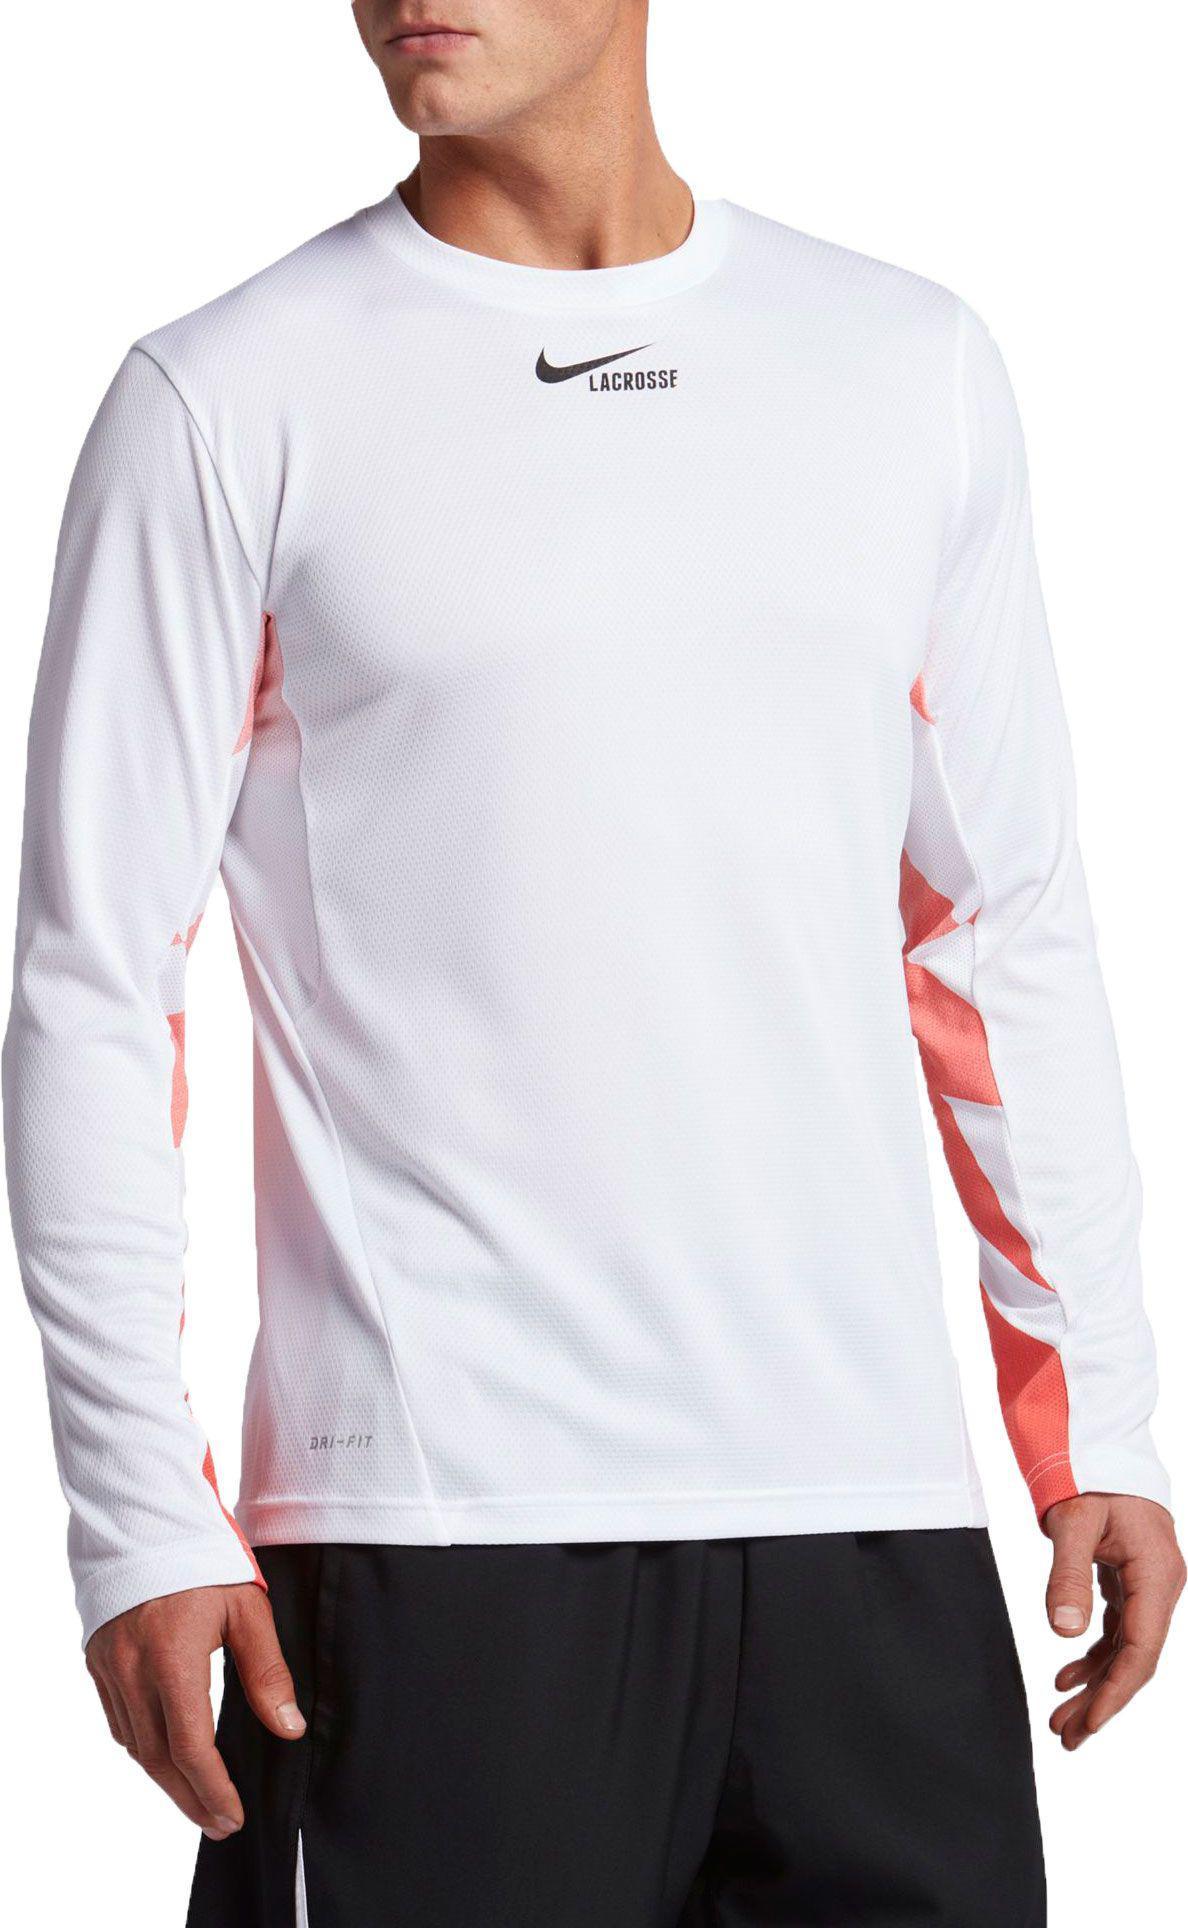 53cc26901180 Nike Dry Fast Break Long Sleeve Lacrosse Shirt in White for Men - Lyst